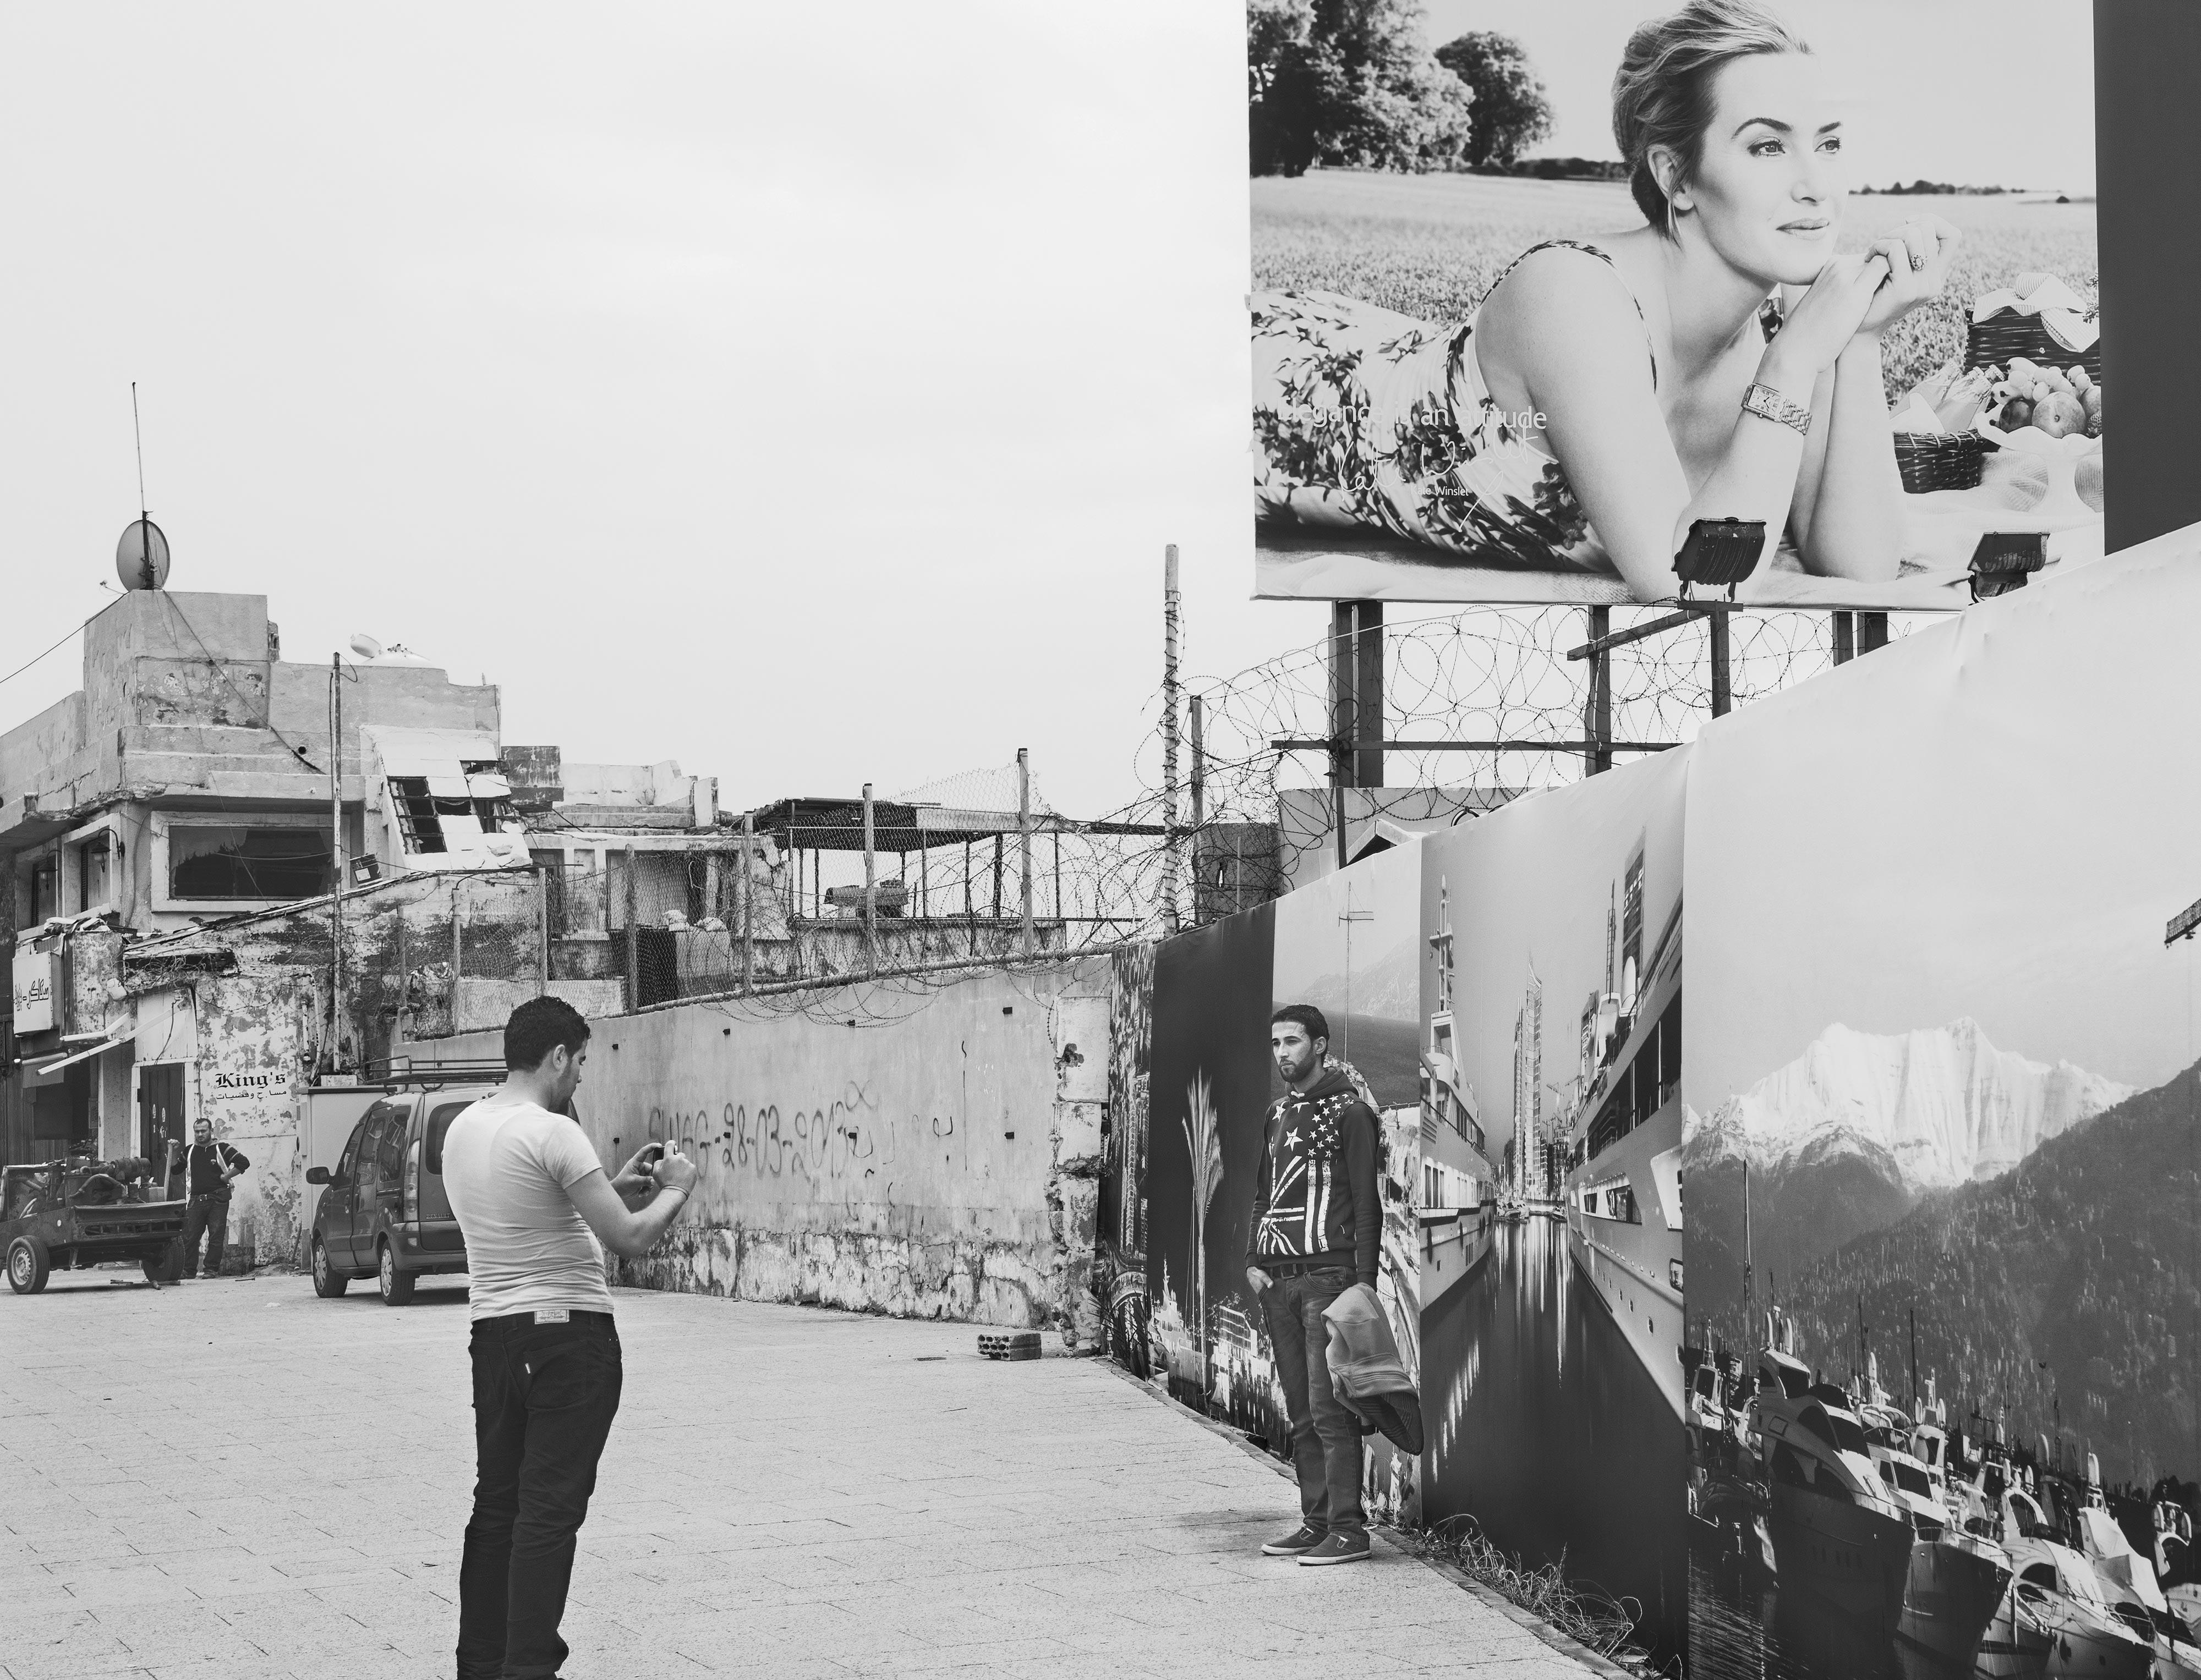 Manal Abu-Shaheen<br>Kate Winslet. Beirut, Lebanon<br>2016<br>Archival Fiber Inkjet Print<br>16 x 20 in